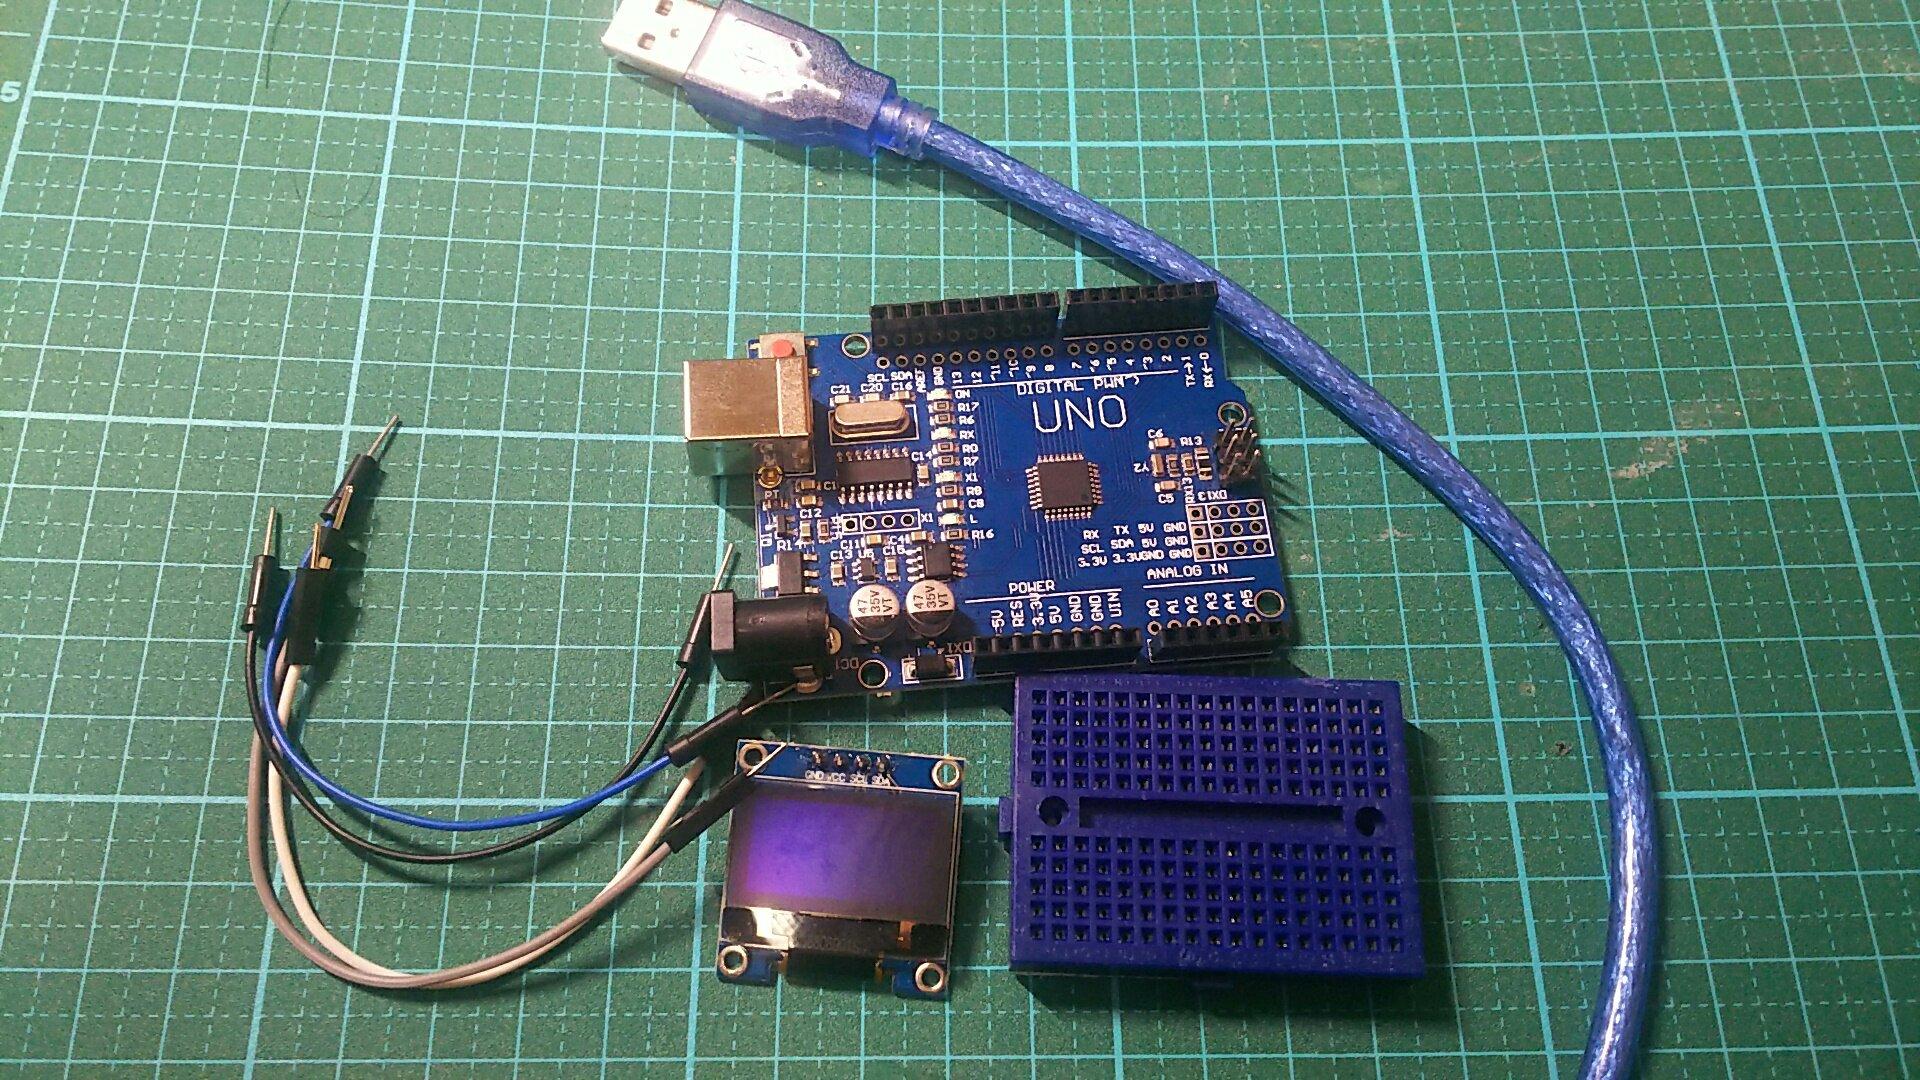 Arduinoで有機ELディスプレイ(OLED)を使う | 物を作る者